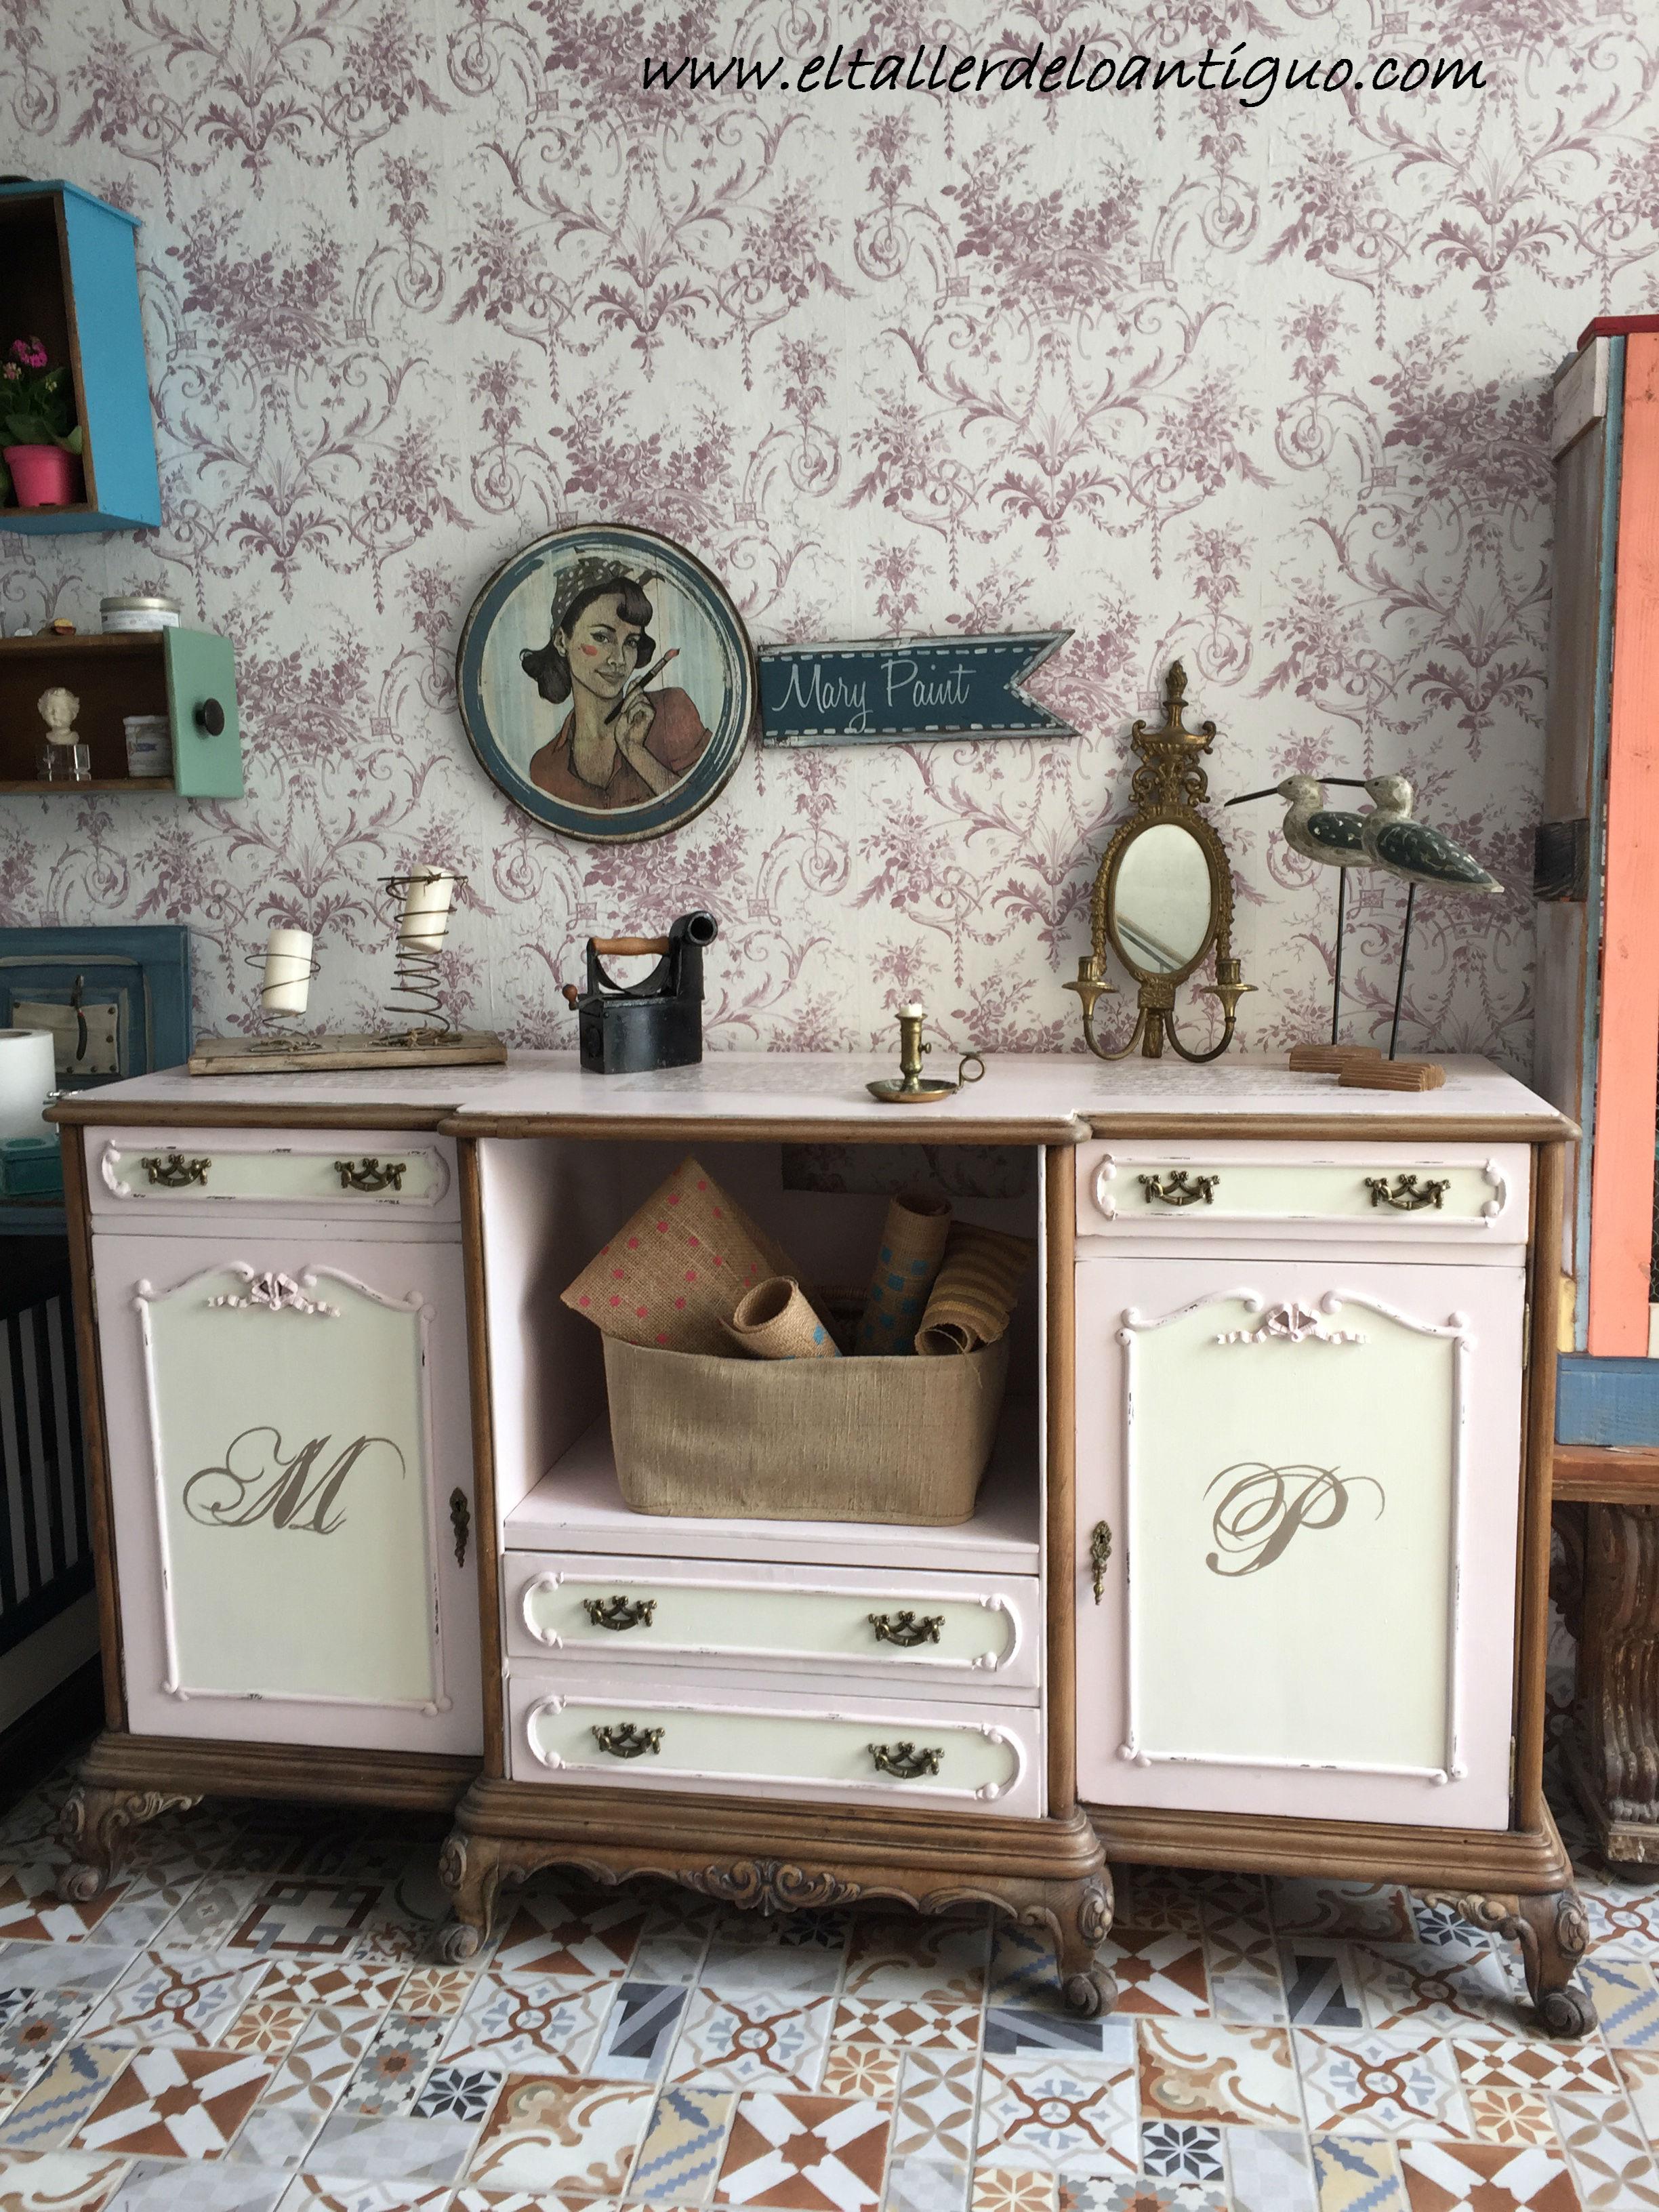 Pinturas Mary Paint Archives El Taller De Lo Antiguo # Muebles Toque Antiguo